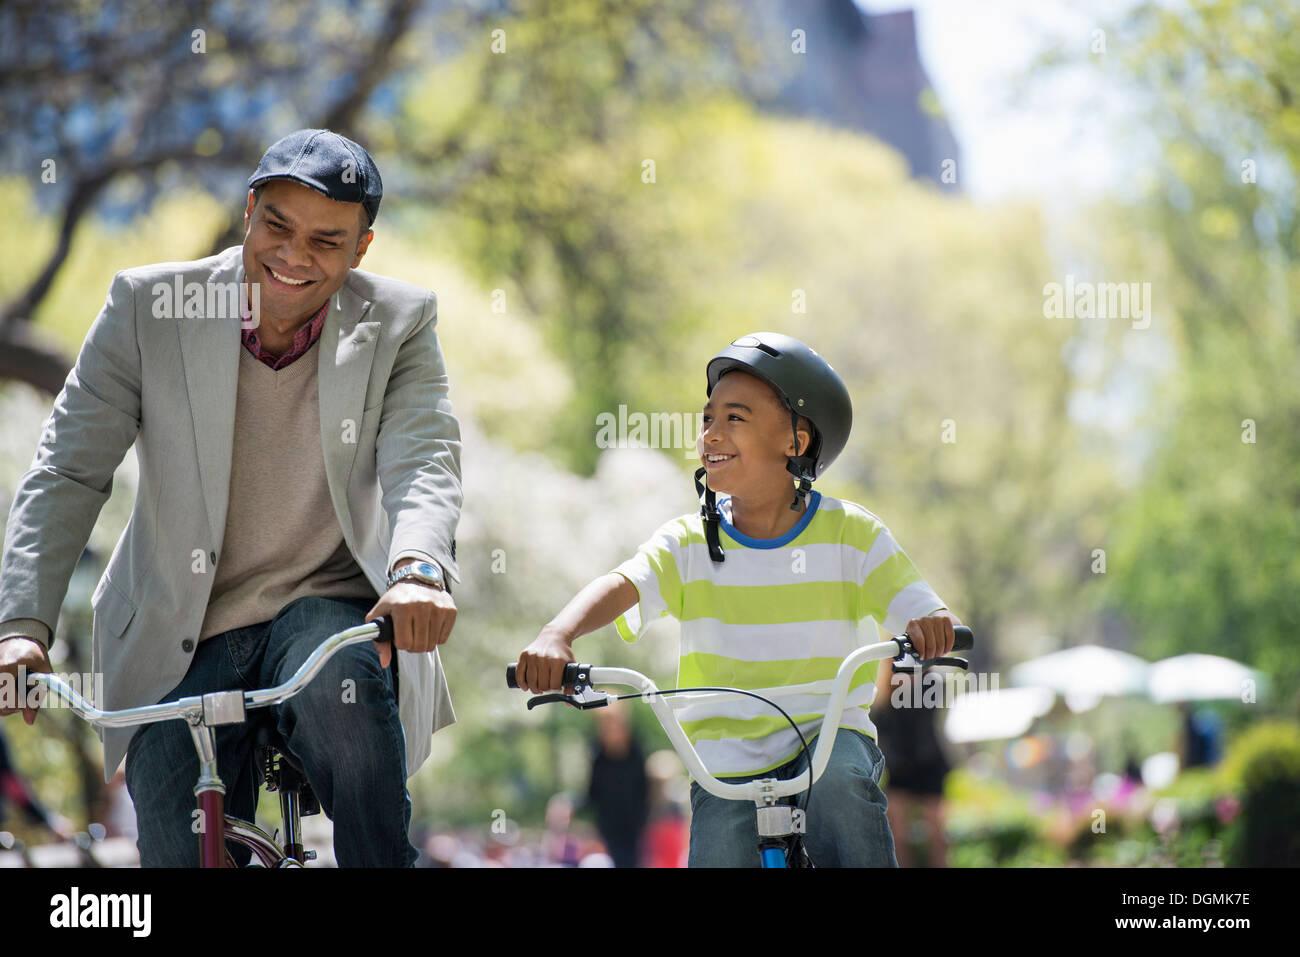 Una familia en el parque en un día soleado. Padre e hijo en bicicleta Imagen De Stock